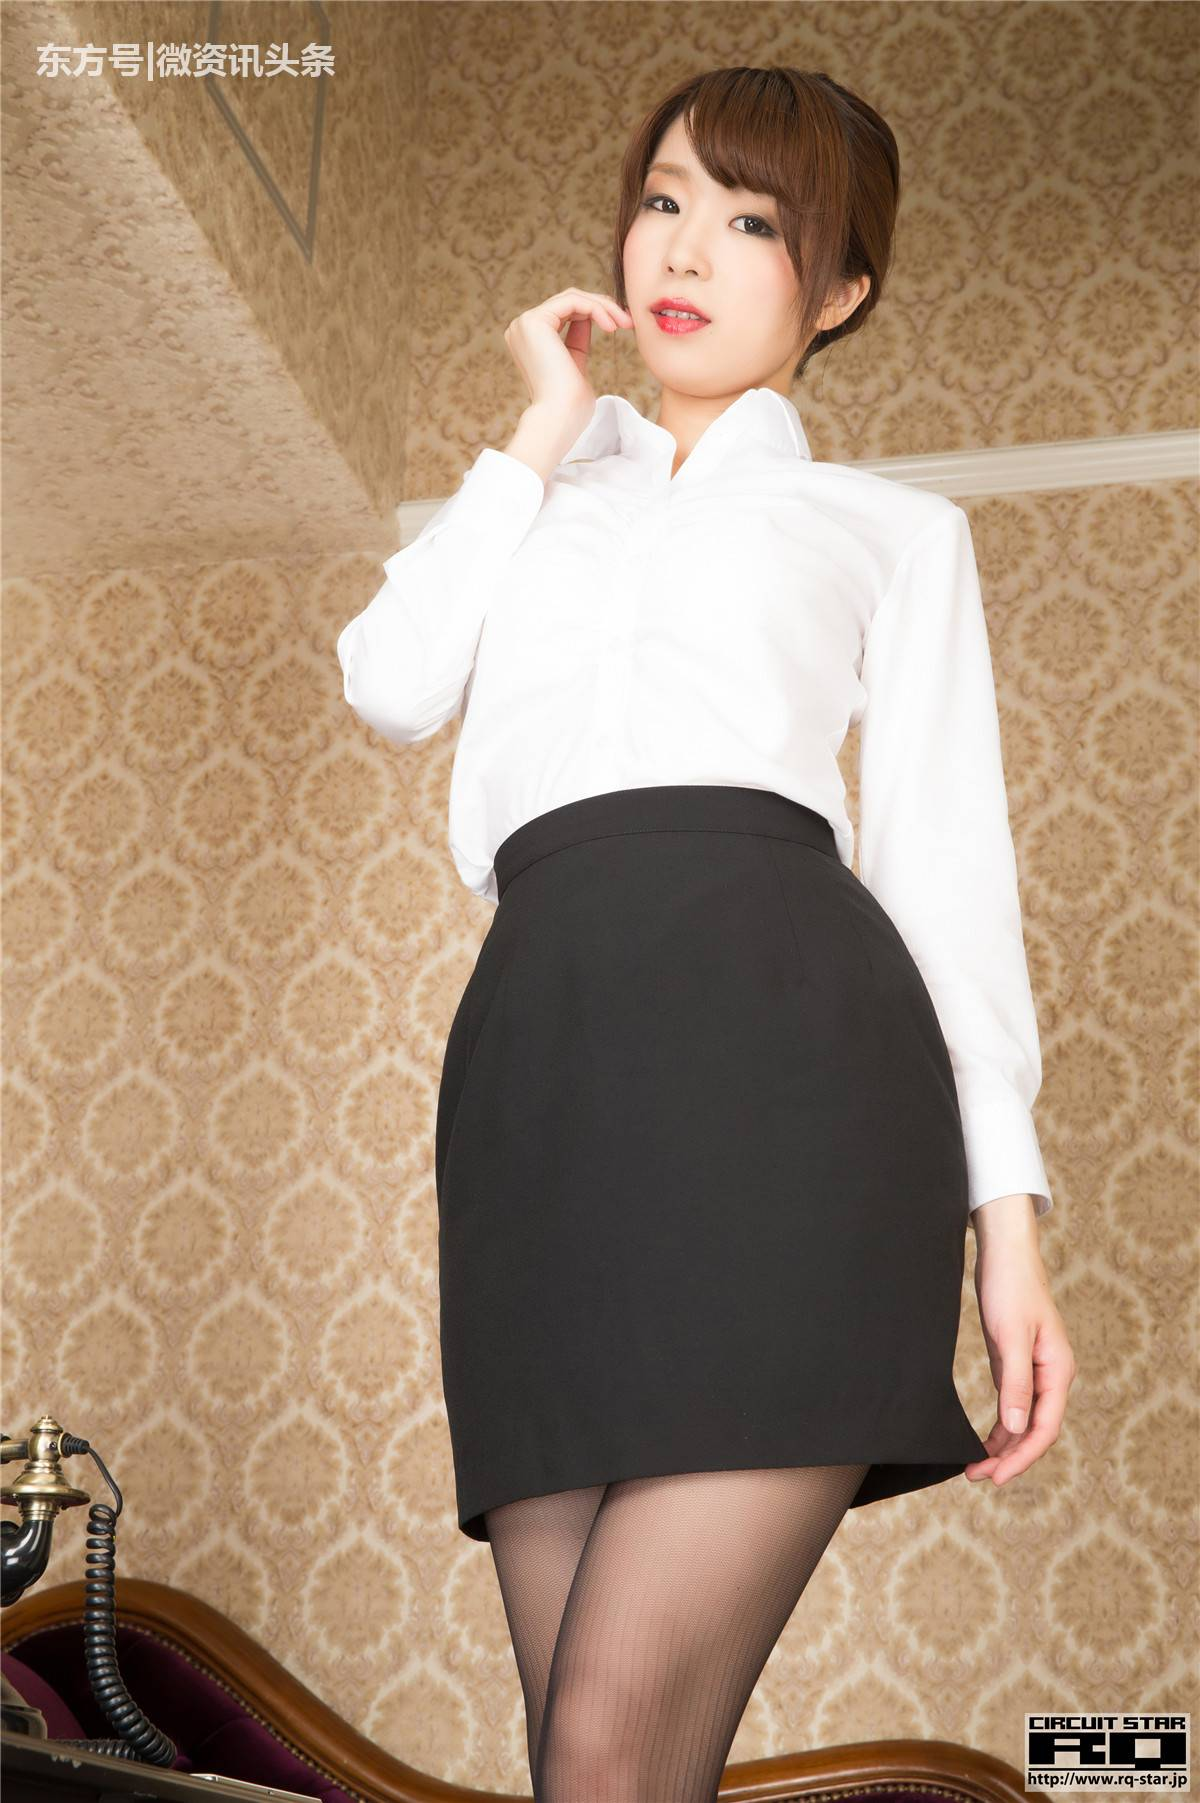 成人黑丝�9.�9f_日本成人片女优的黑丝写真足够好看!